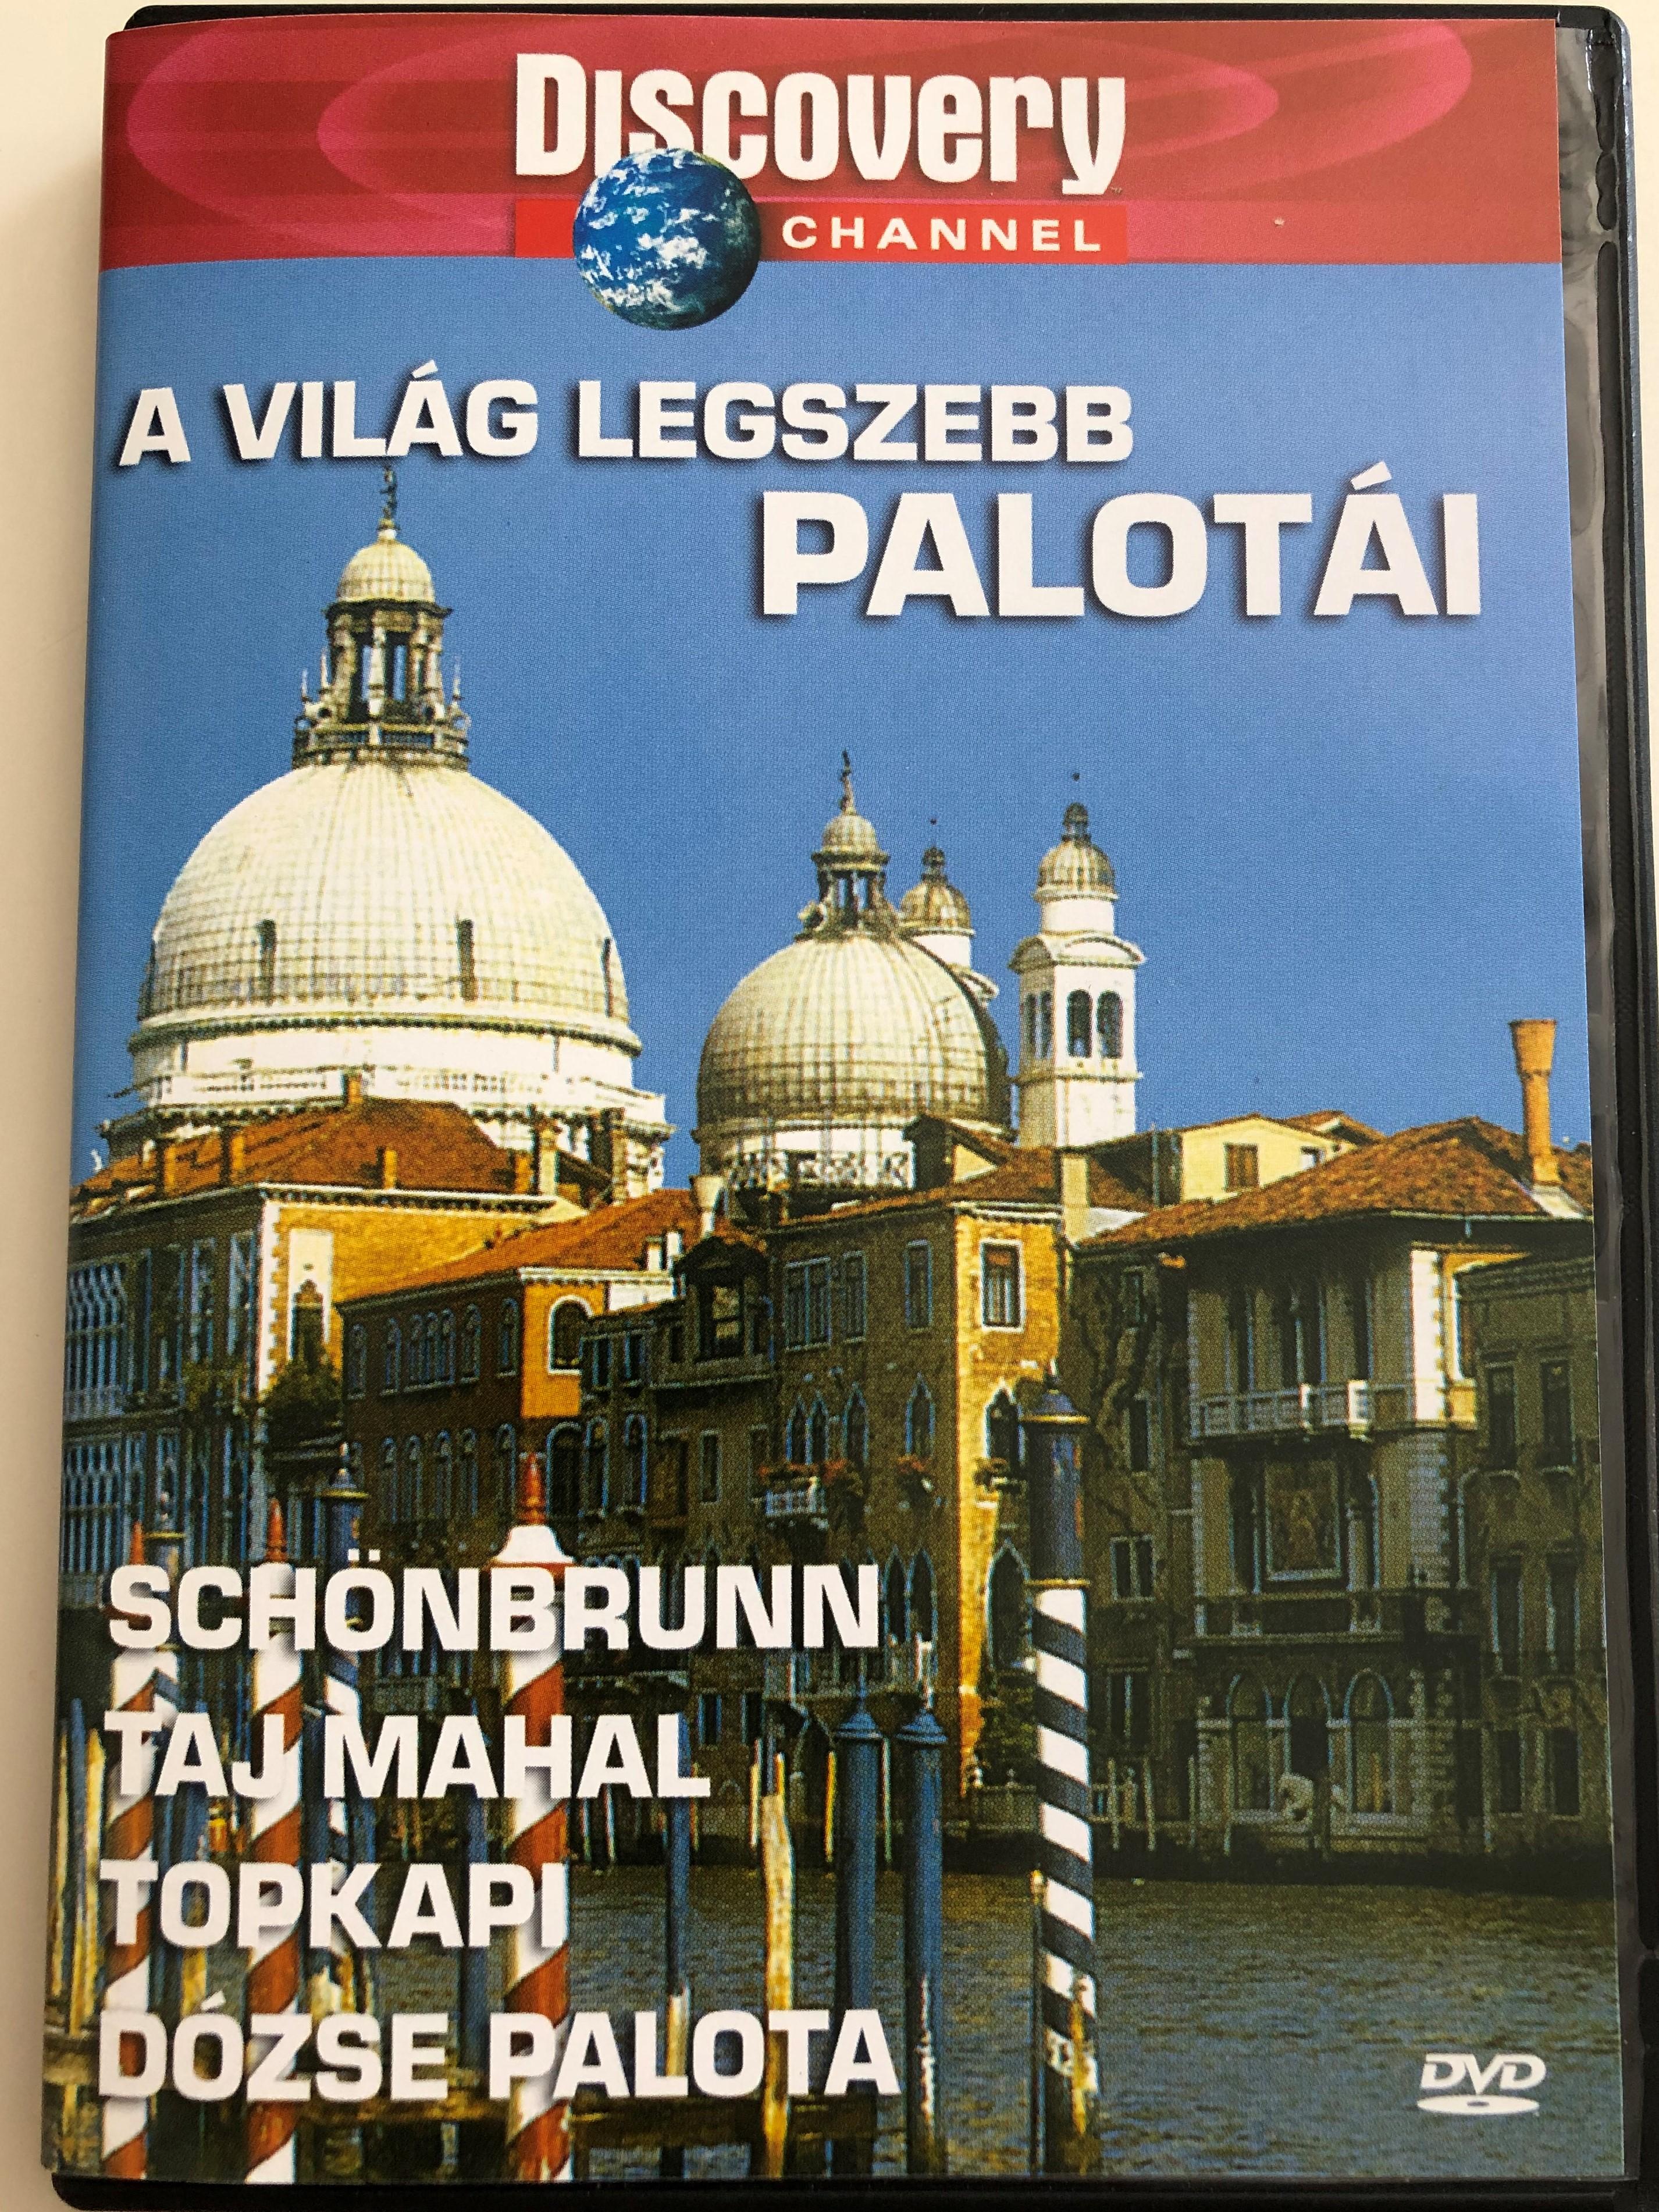 great-palaces-of-the-world-dvd-2003-a-vil-g-legszebb-palot-i-sch-nbrunn-taj-mahal-topkapi-d-zse-palota-directed-by-martijn-schroevers-mark-verkerk-frank-schots-discovery-channel-1-.jpg